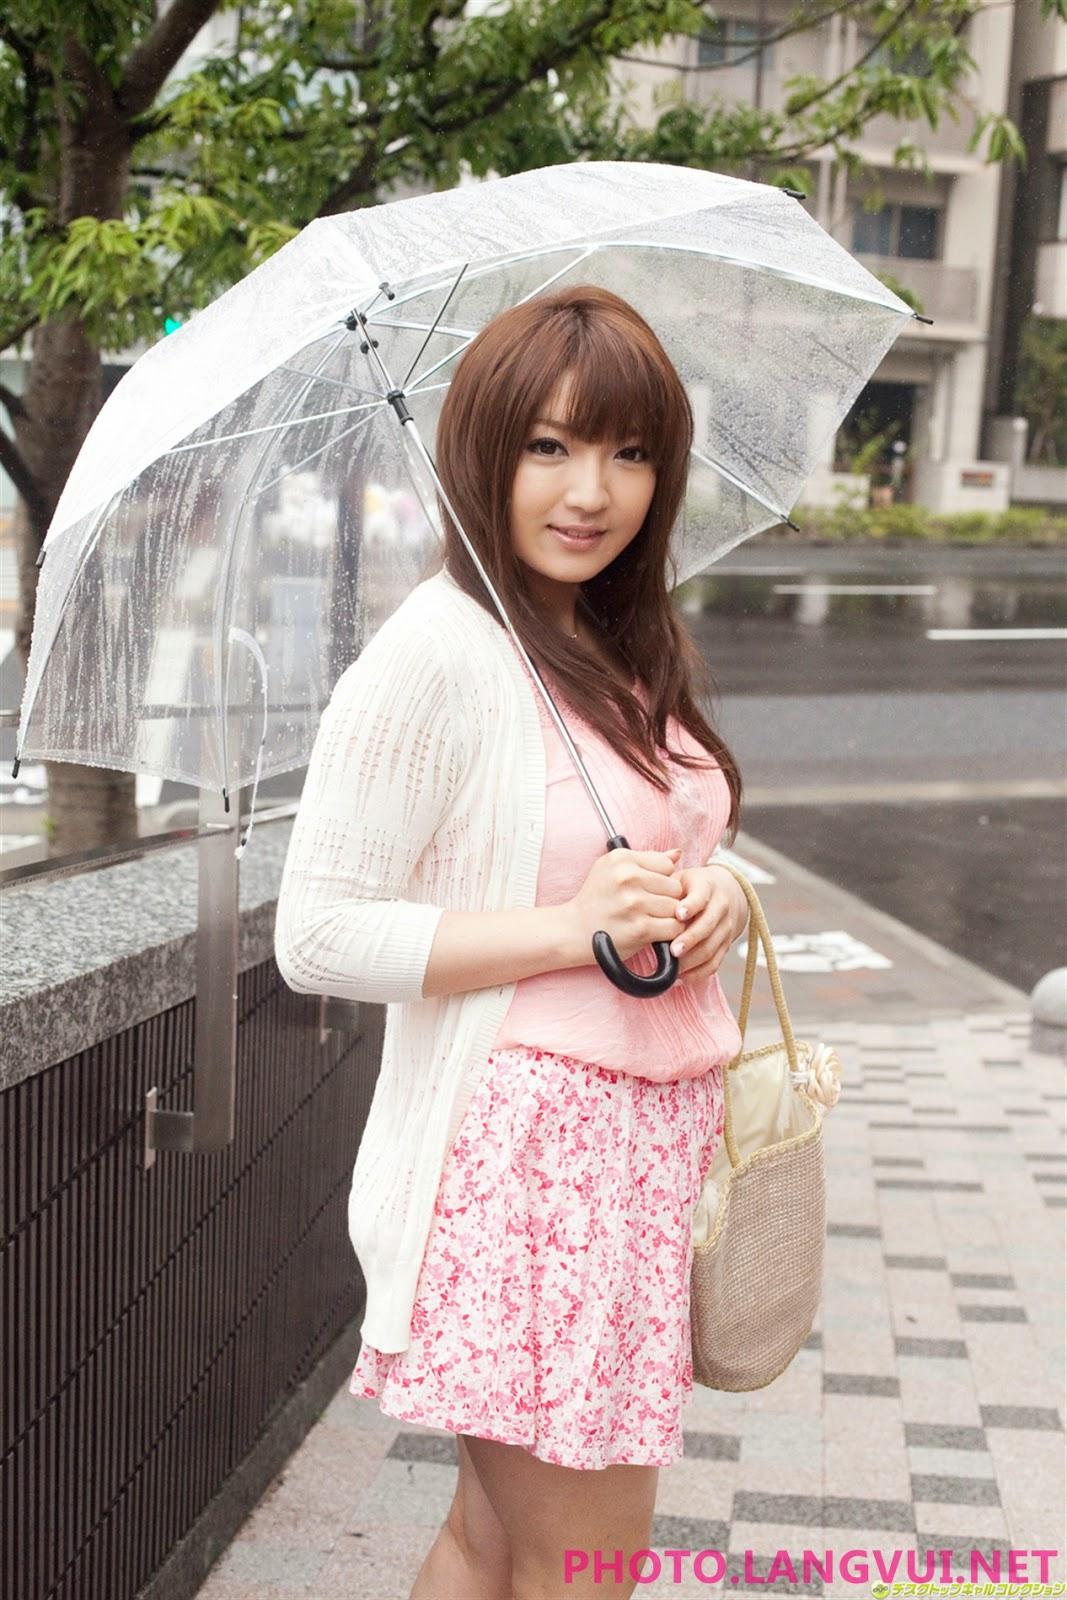 DGC No-1075 Shiori Kanzaki